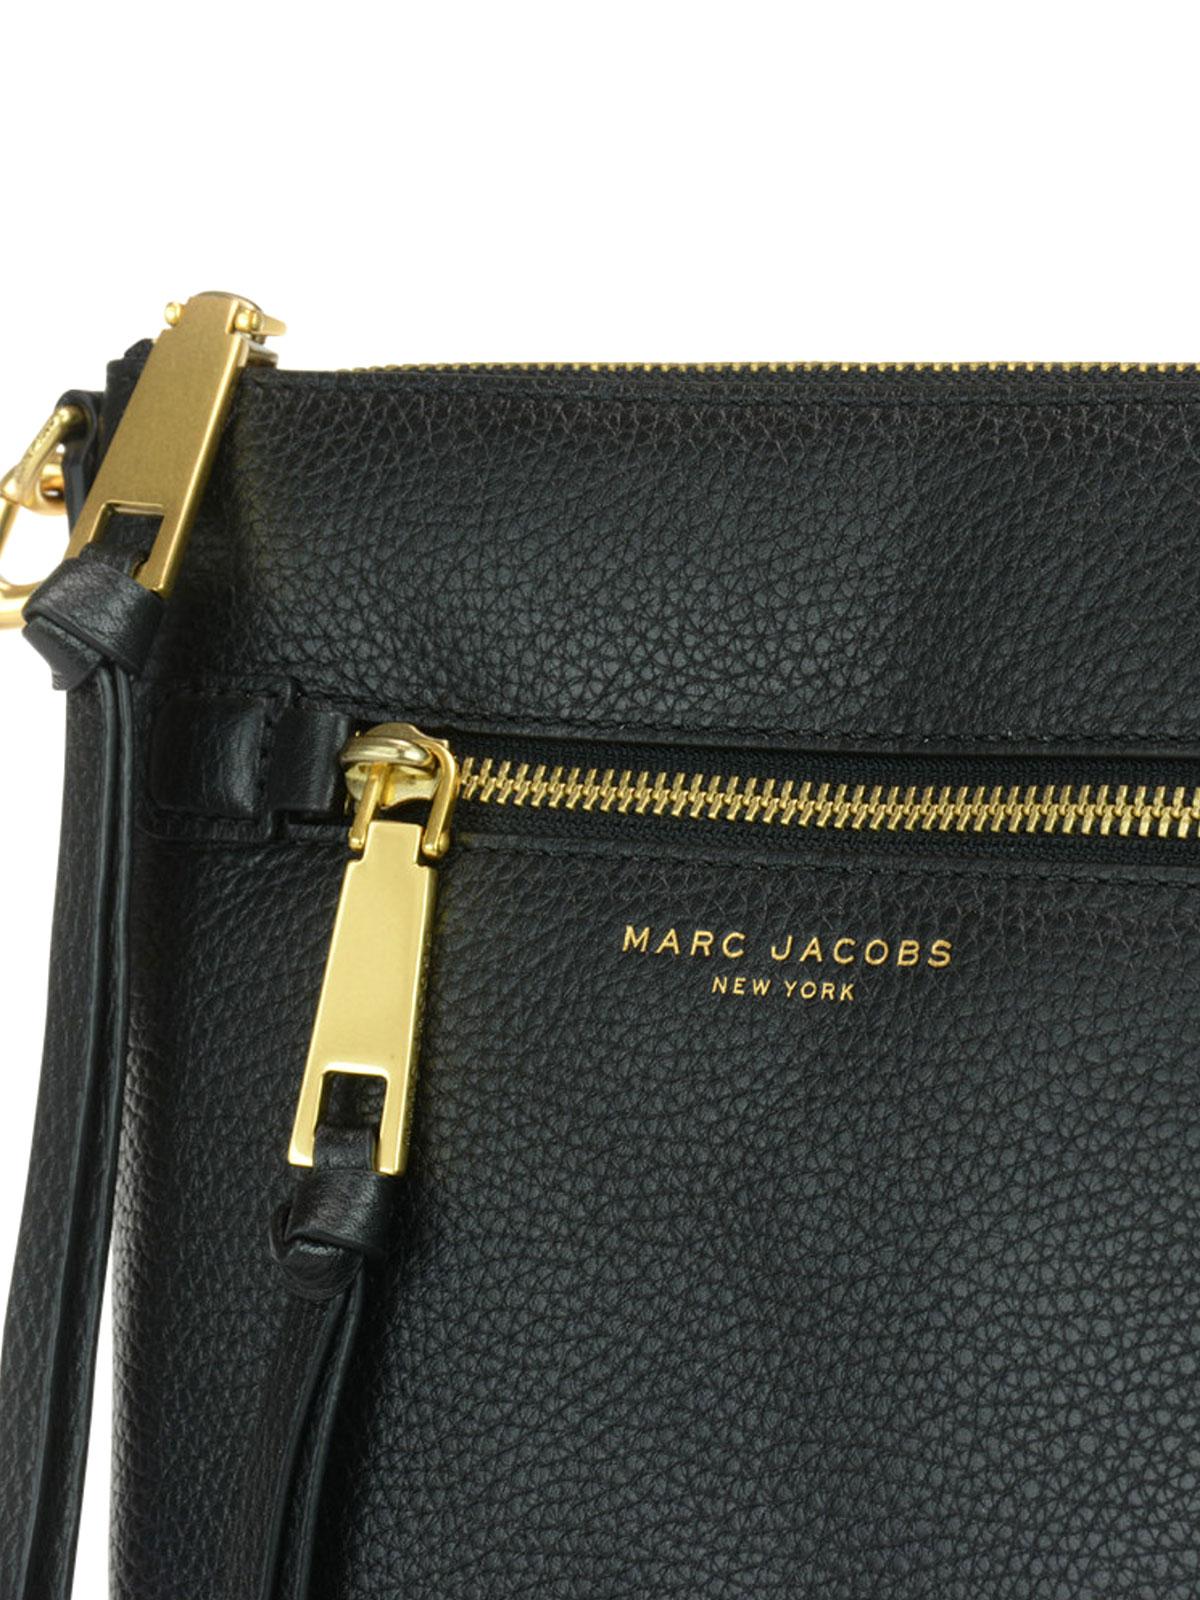 857cbdfeacb Marc Jacobs - Sac Bandoulière - Noir - Sacs bandoulière - M0010062001